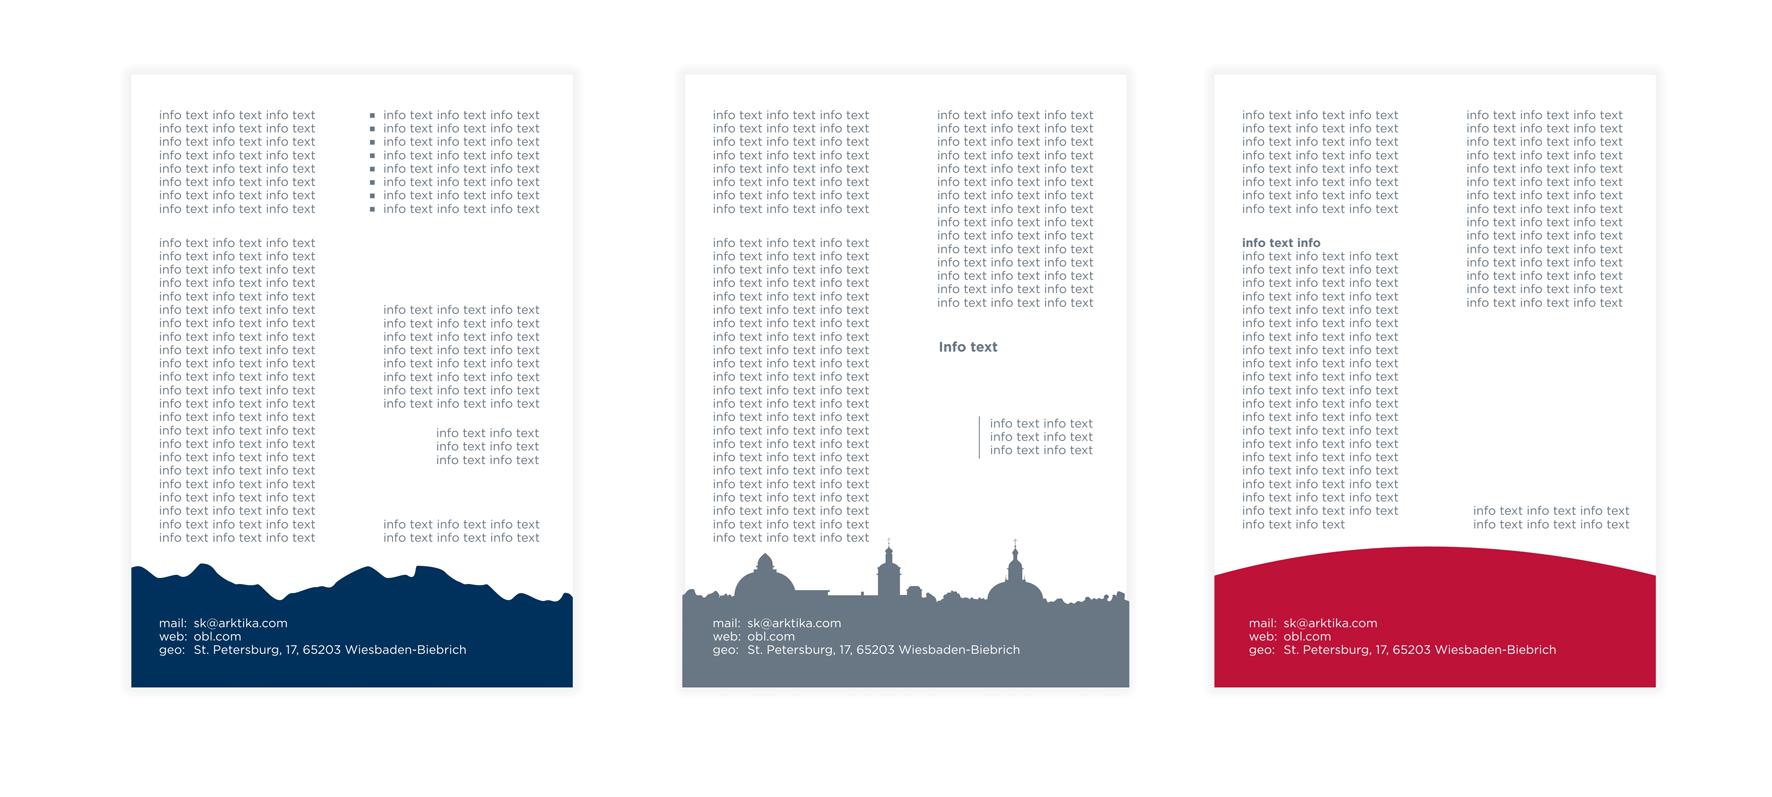 Дизайн и верстка лифлетов 3х дочерних судоходных компаний  фото f_3585b42840d9c858.jpg